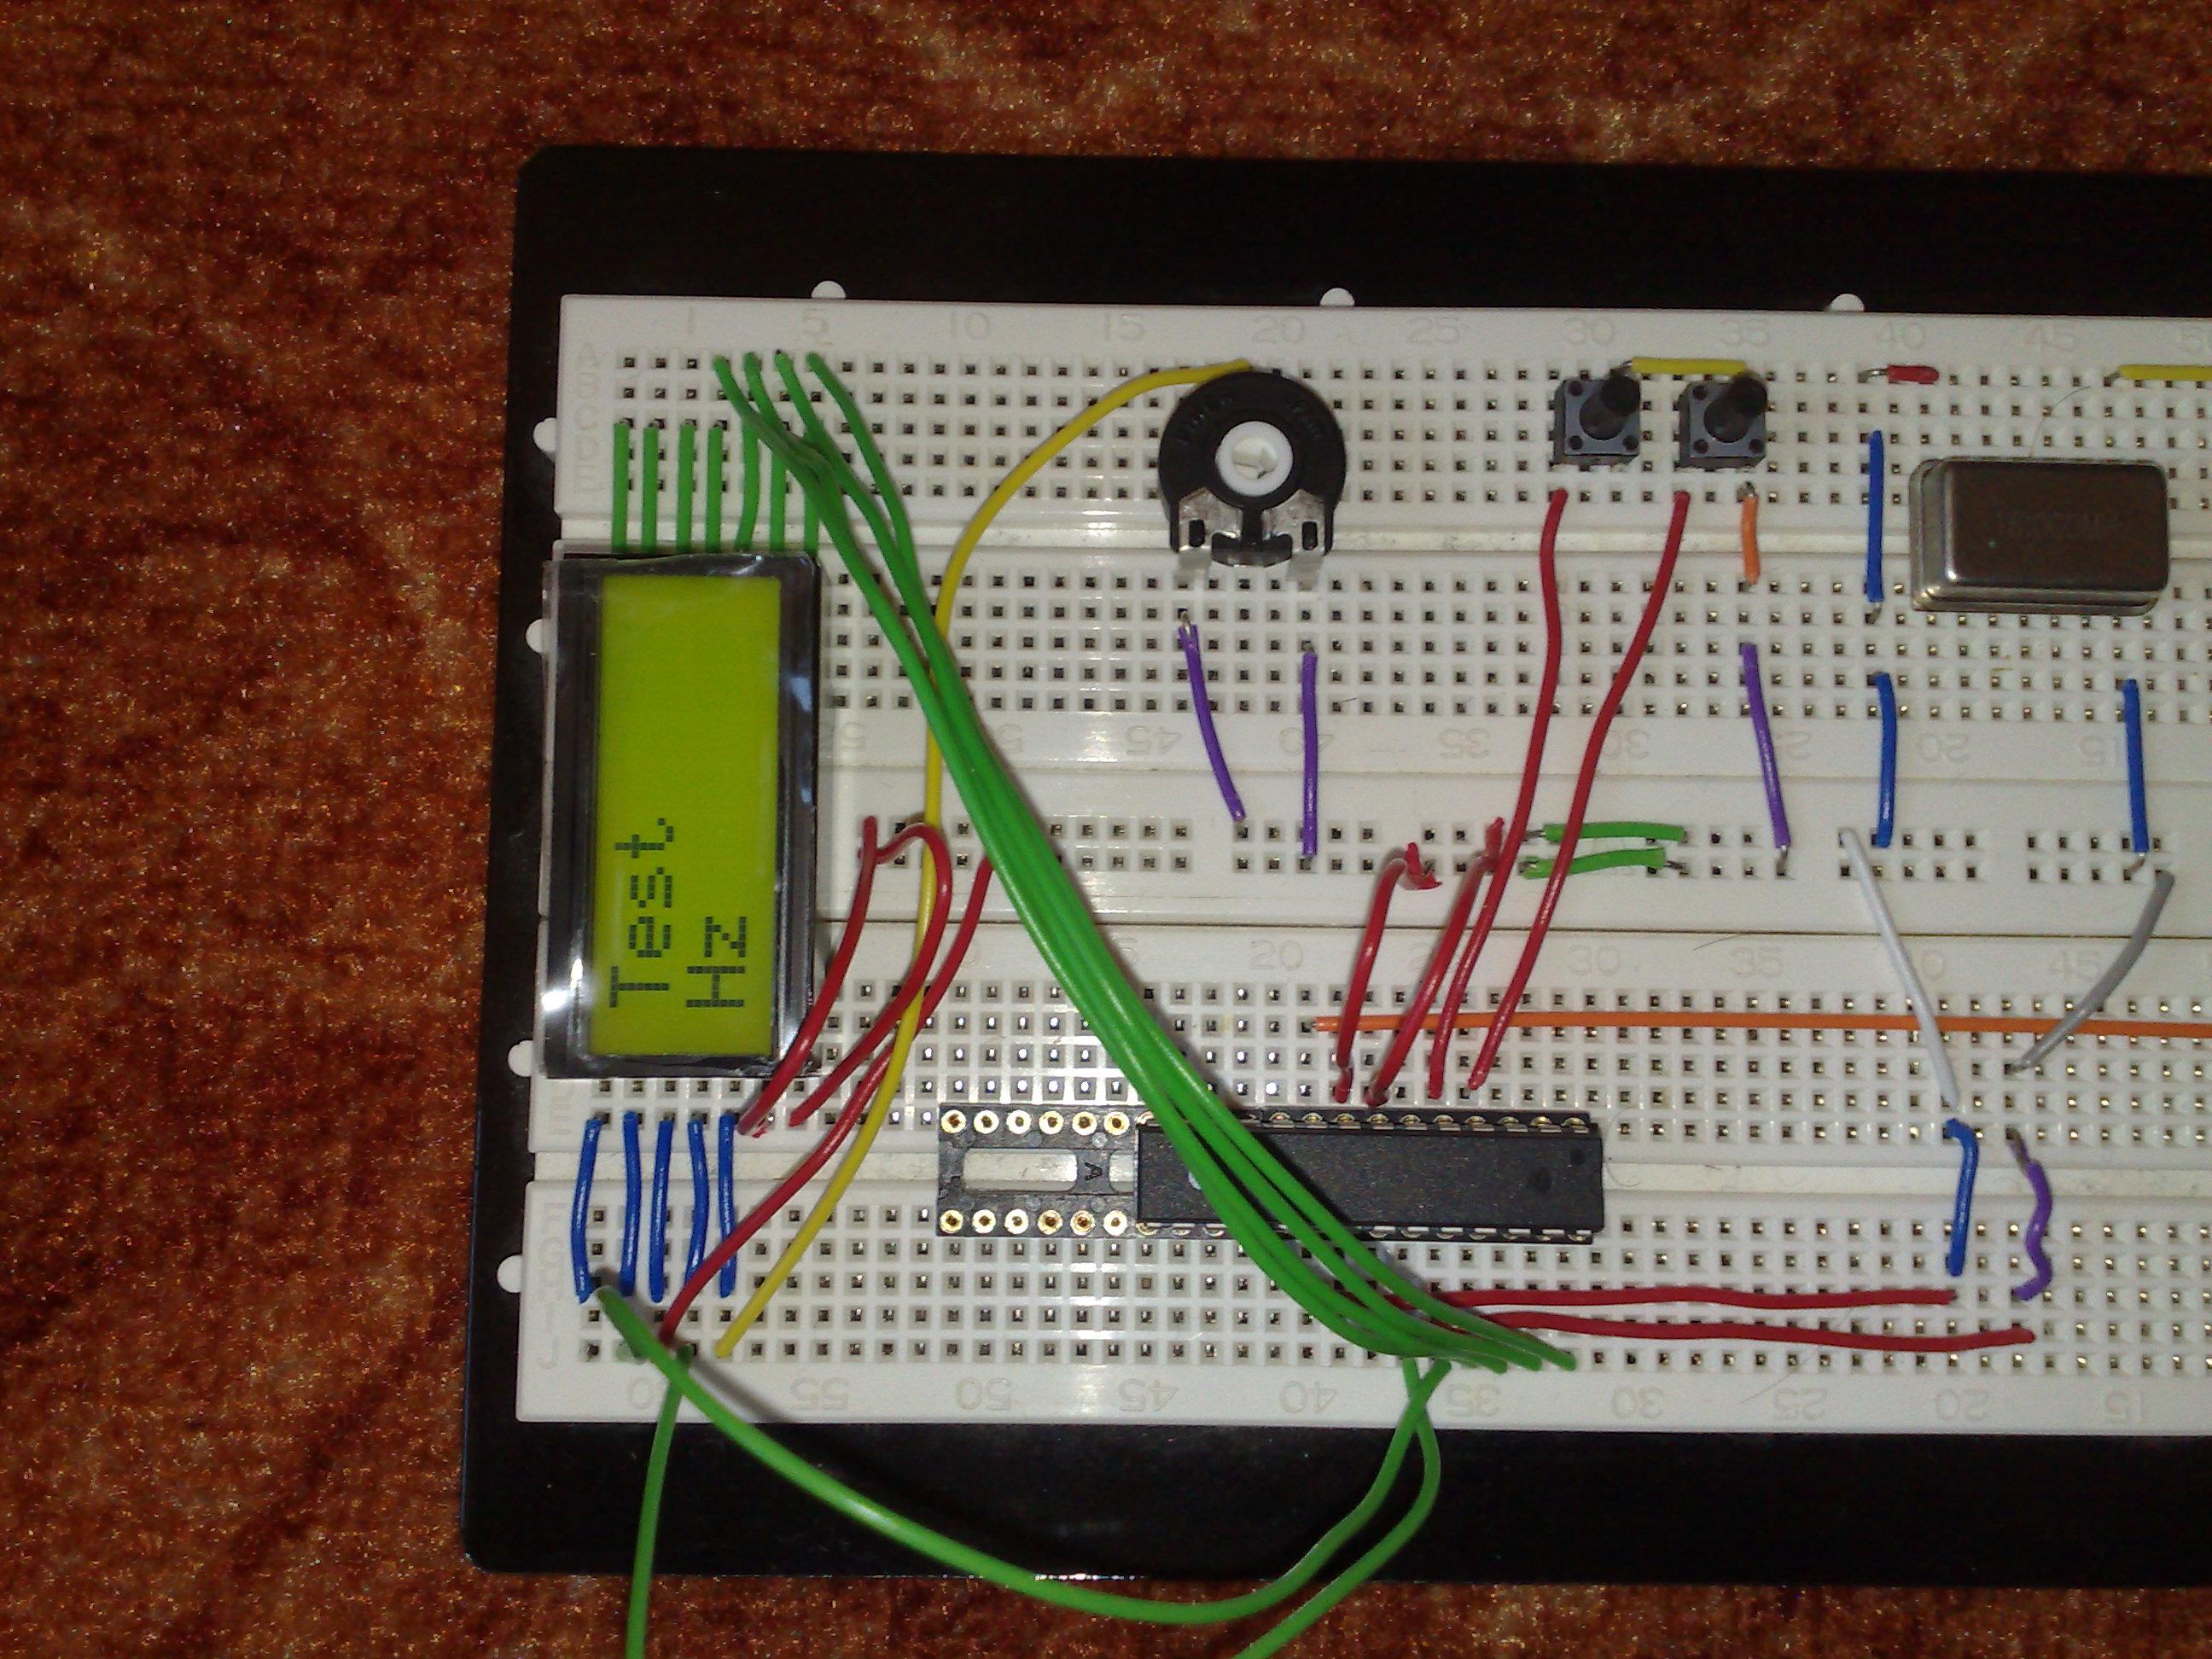 Einstellbarer Frequenzgenerator für 0.12 Hz - 8 MHz mit Atmega 8 und ...